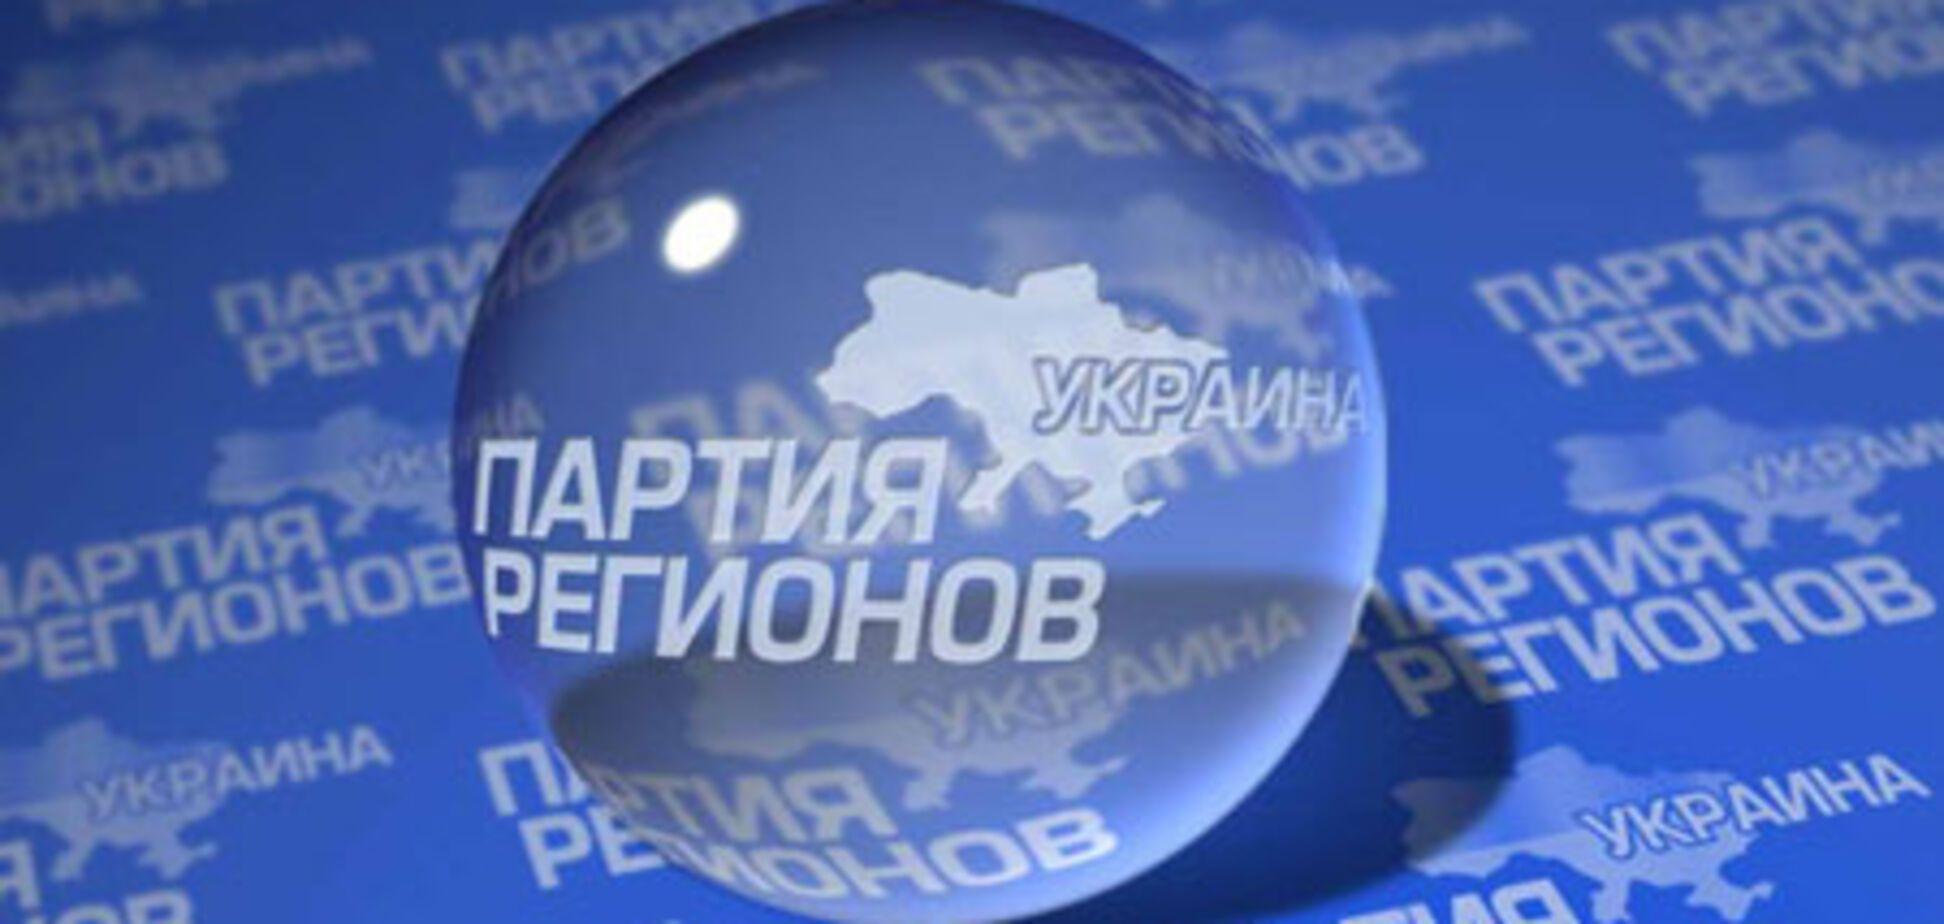 Партія регіонів: це не цькування, а боротьба з корупцією